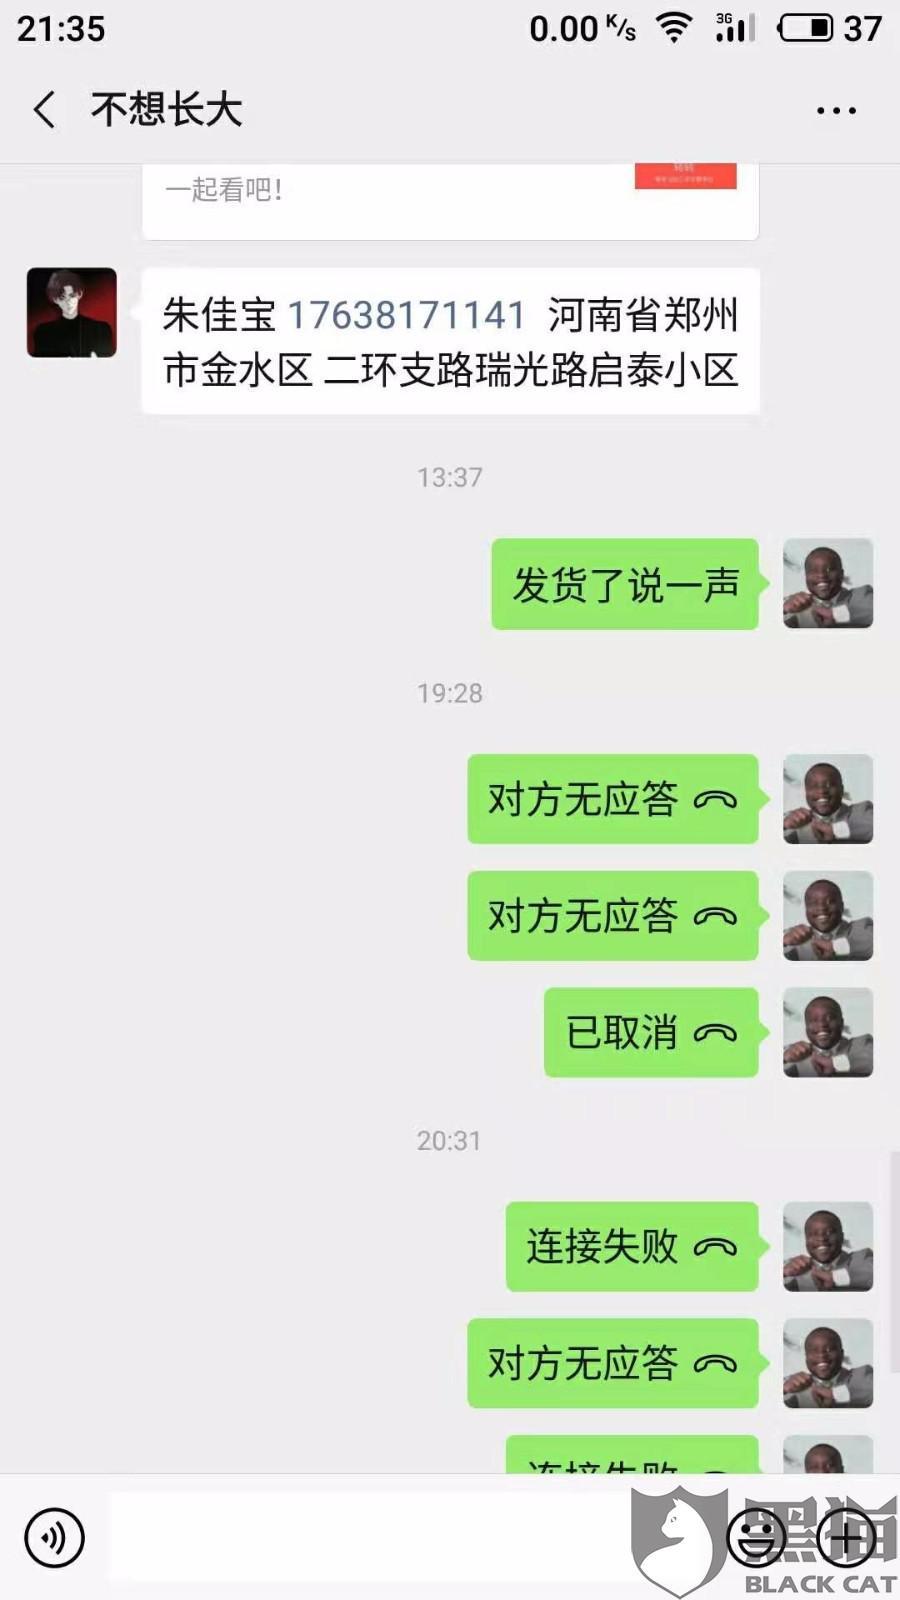 黑猫投诉:微信上通过别人发的转转链接购买,找不到任何订单详情,钱现实支付给京东商城平台商户